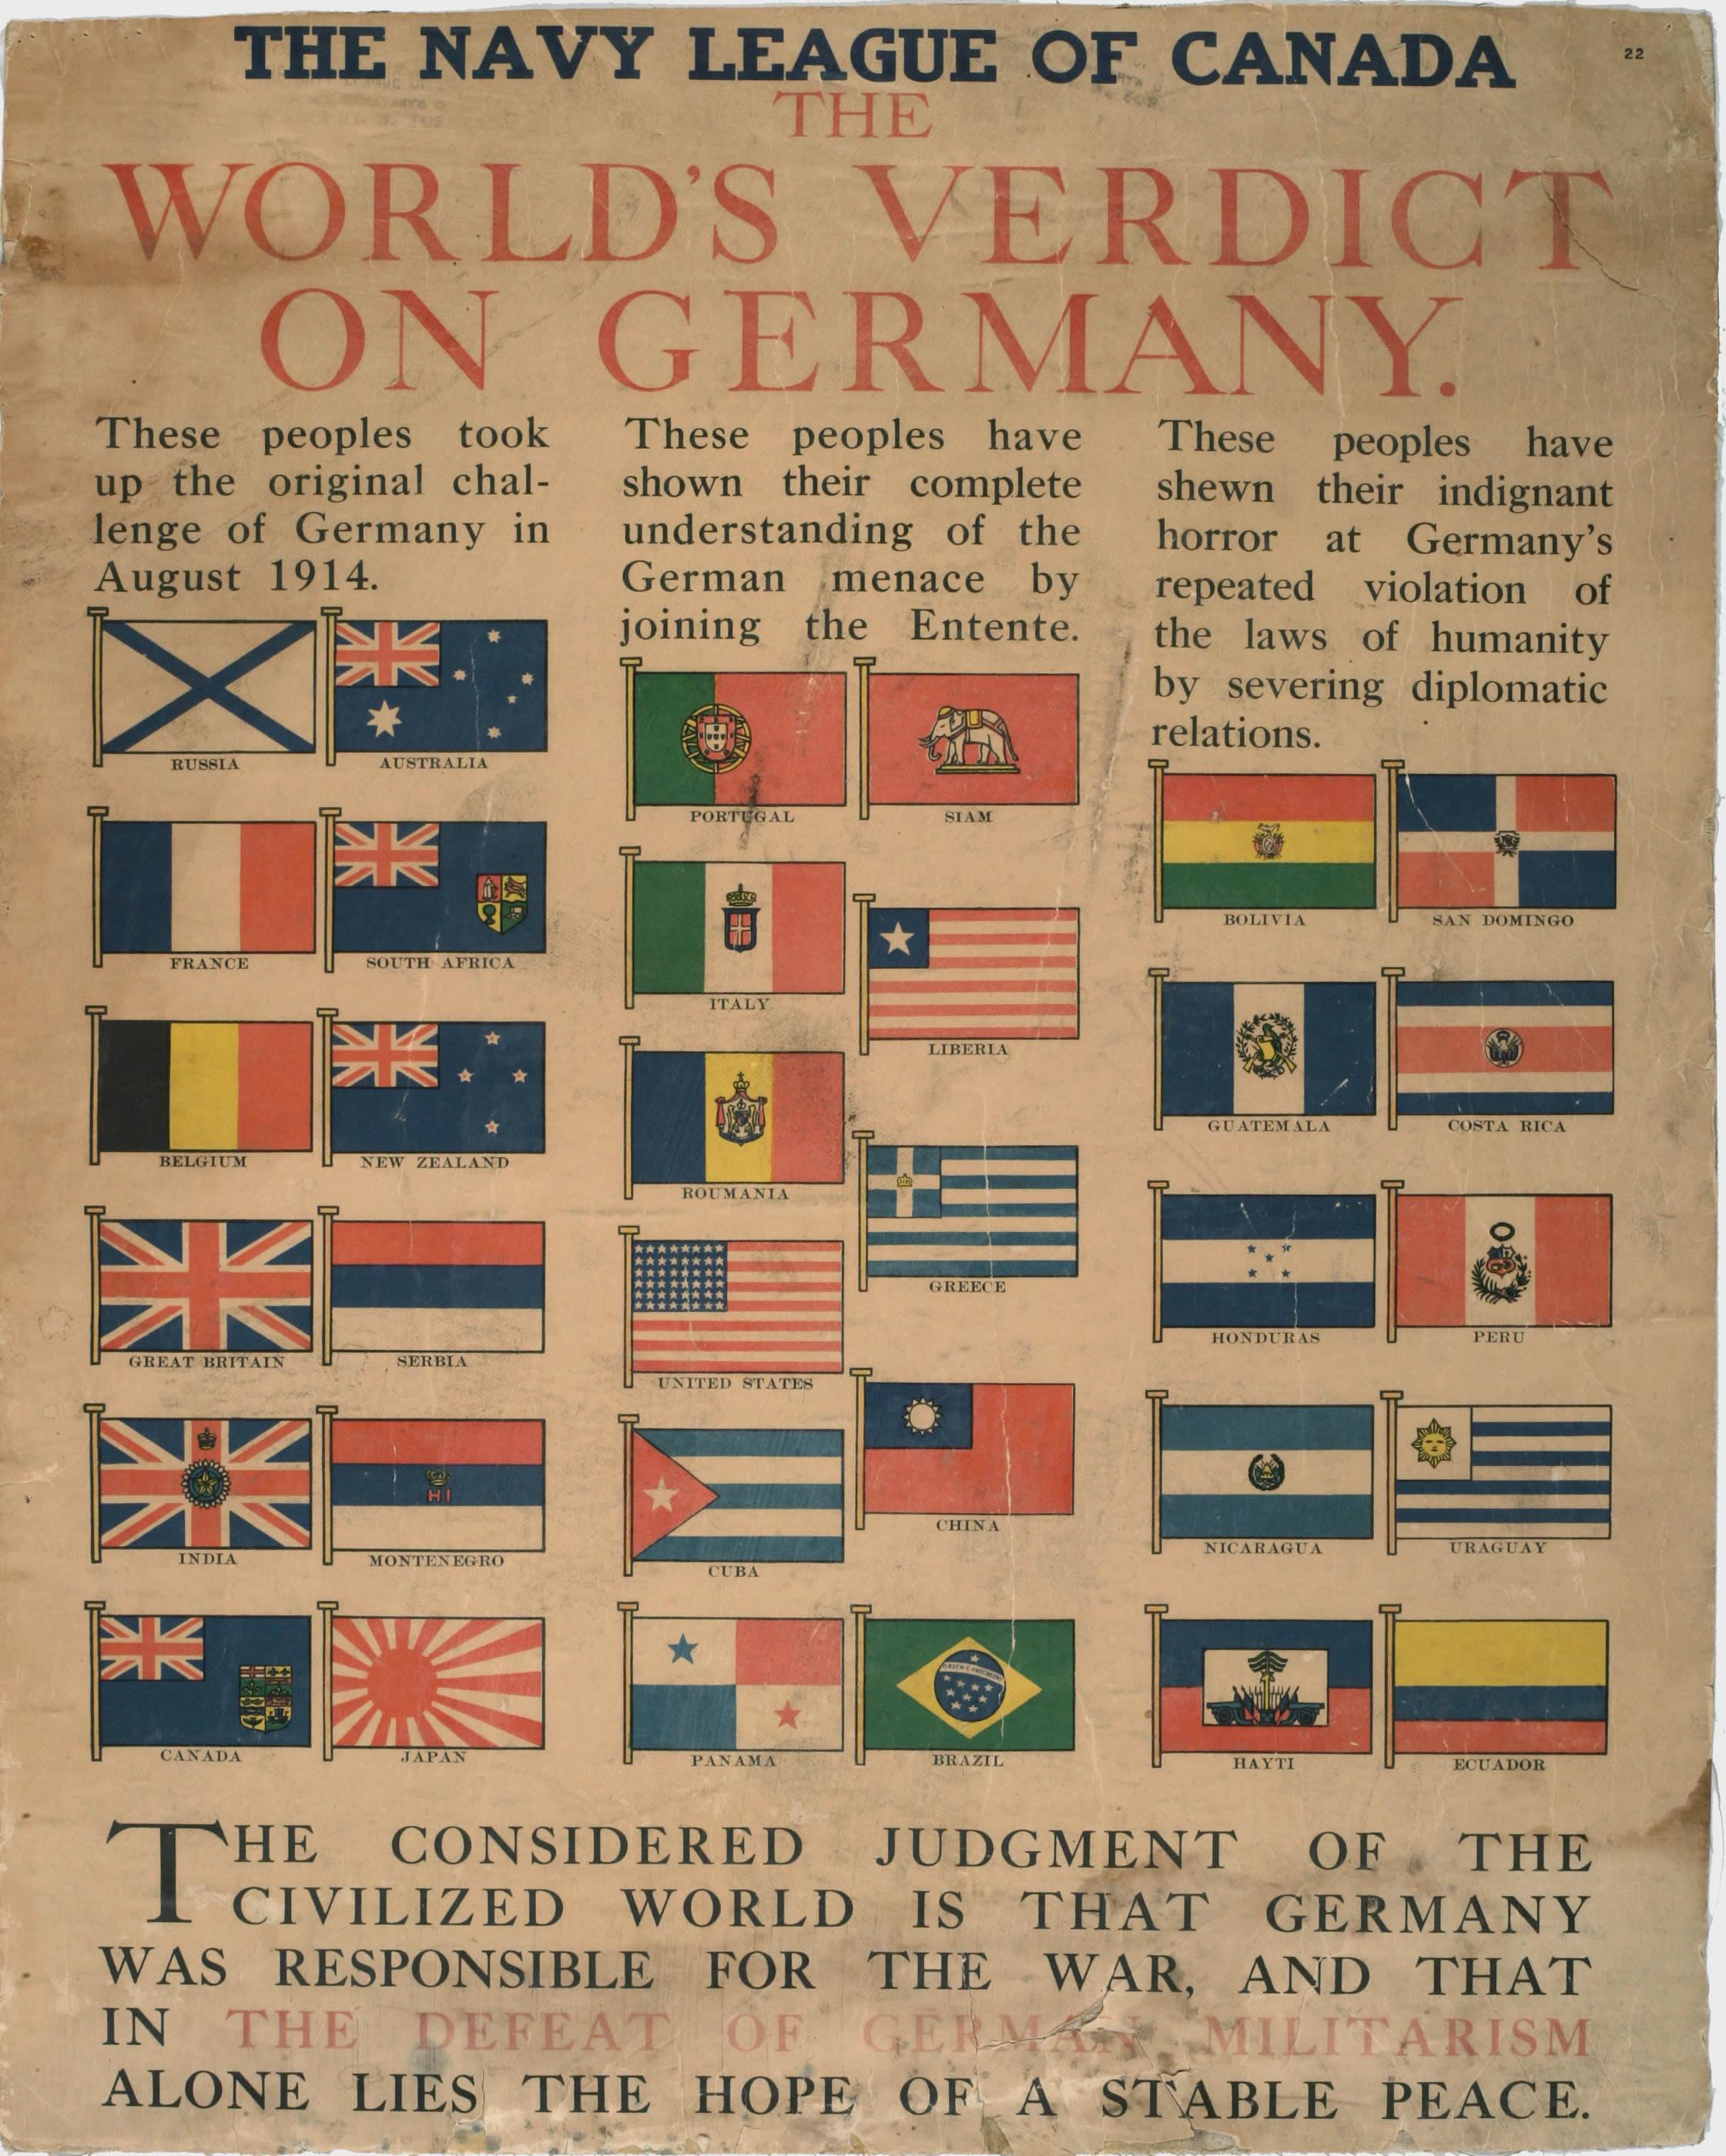 <i>The World's Verdict on Germany (Le verdict du monde sur l'Allemagne)</i>